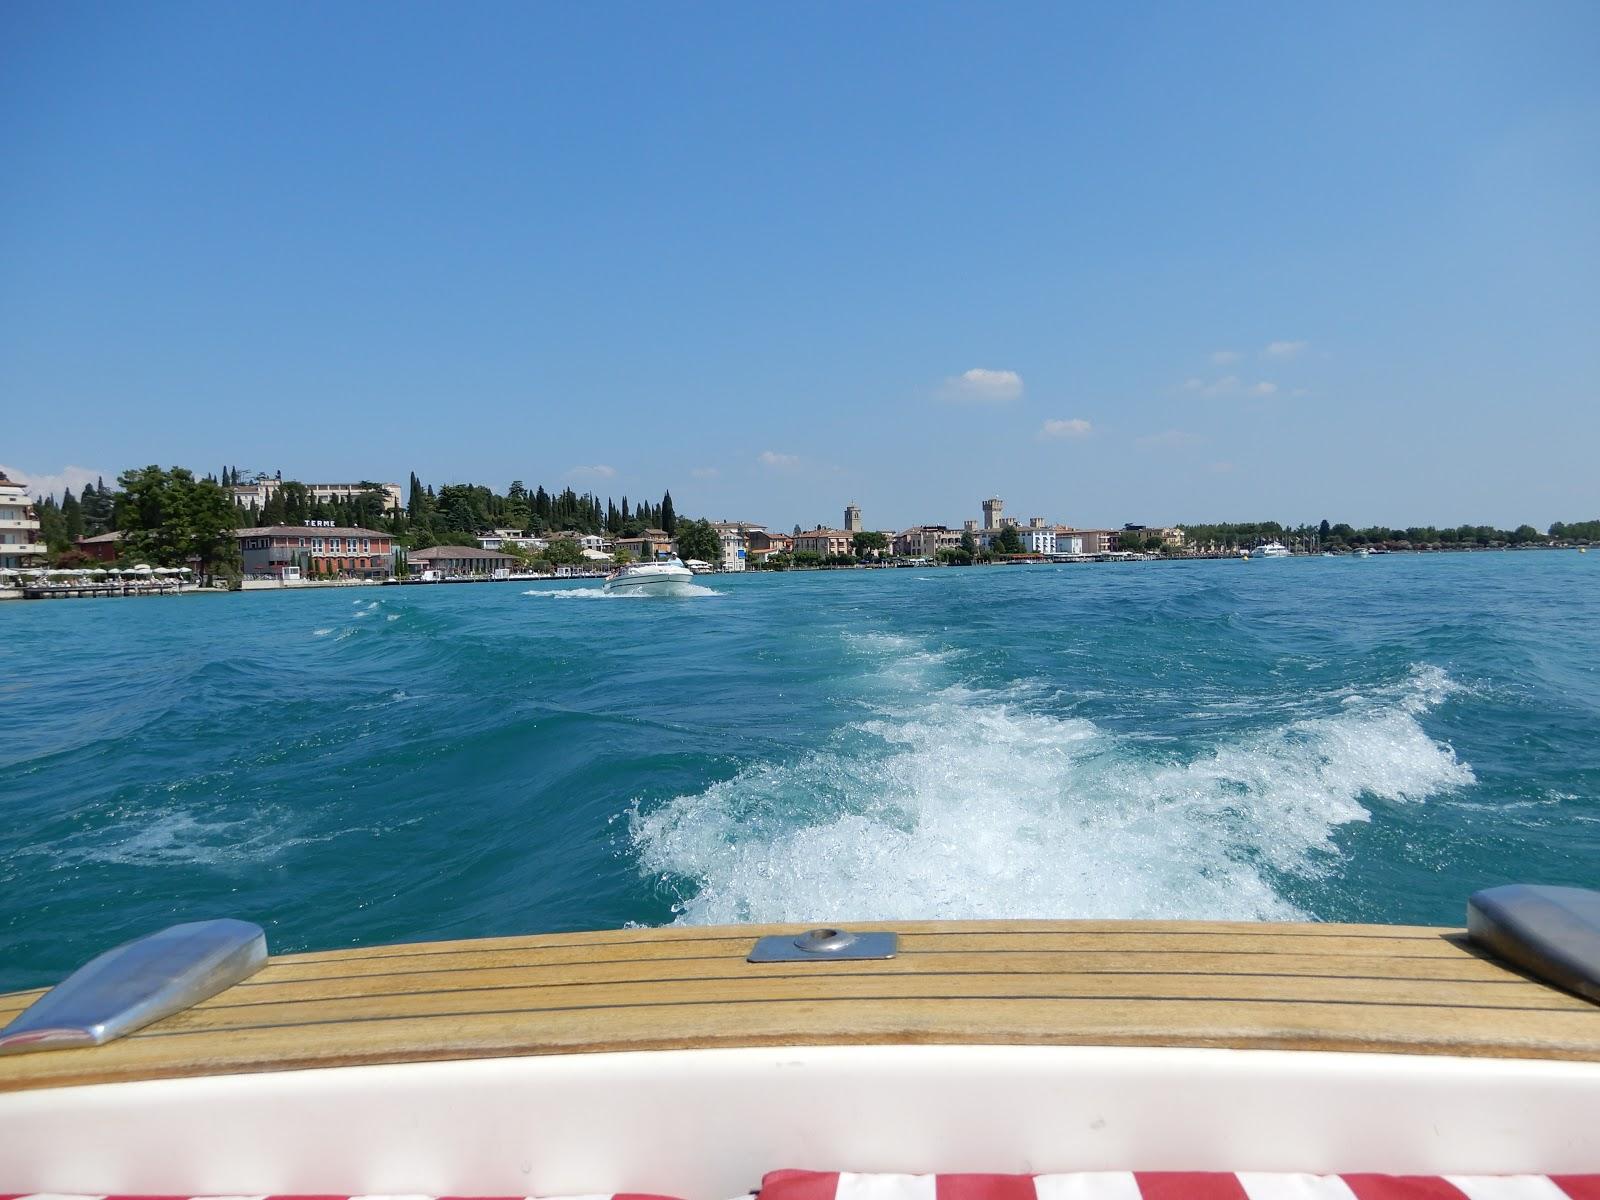 Pocztówka znad Jeziora Garda - Włochy